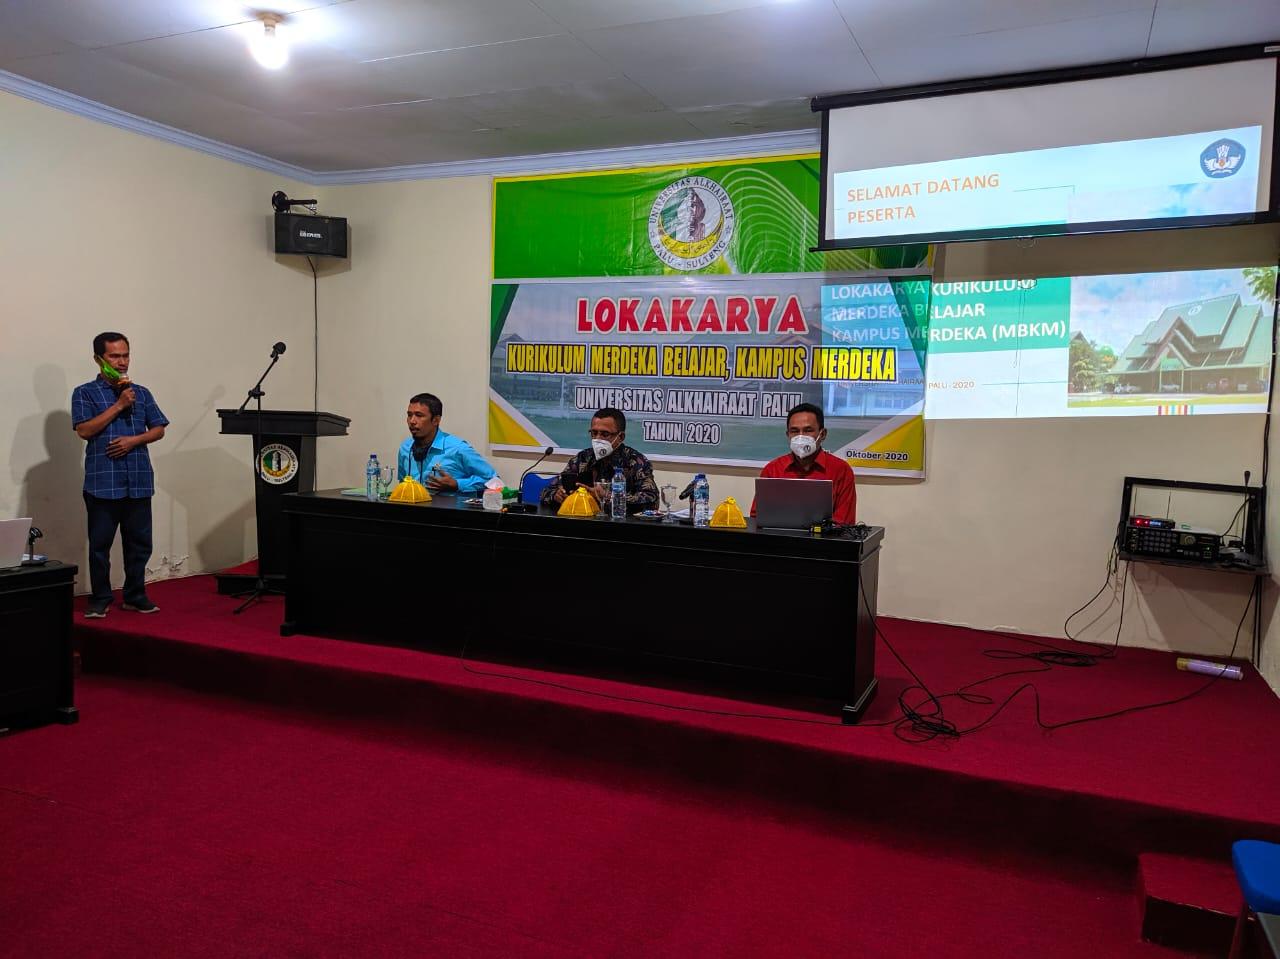 Persiapkan Mahasiswa Masuki Dunia Kerja,Unisa Gelar Lokakarya Kurikulum  MBKM